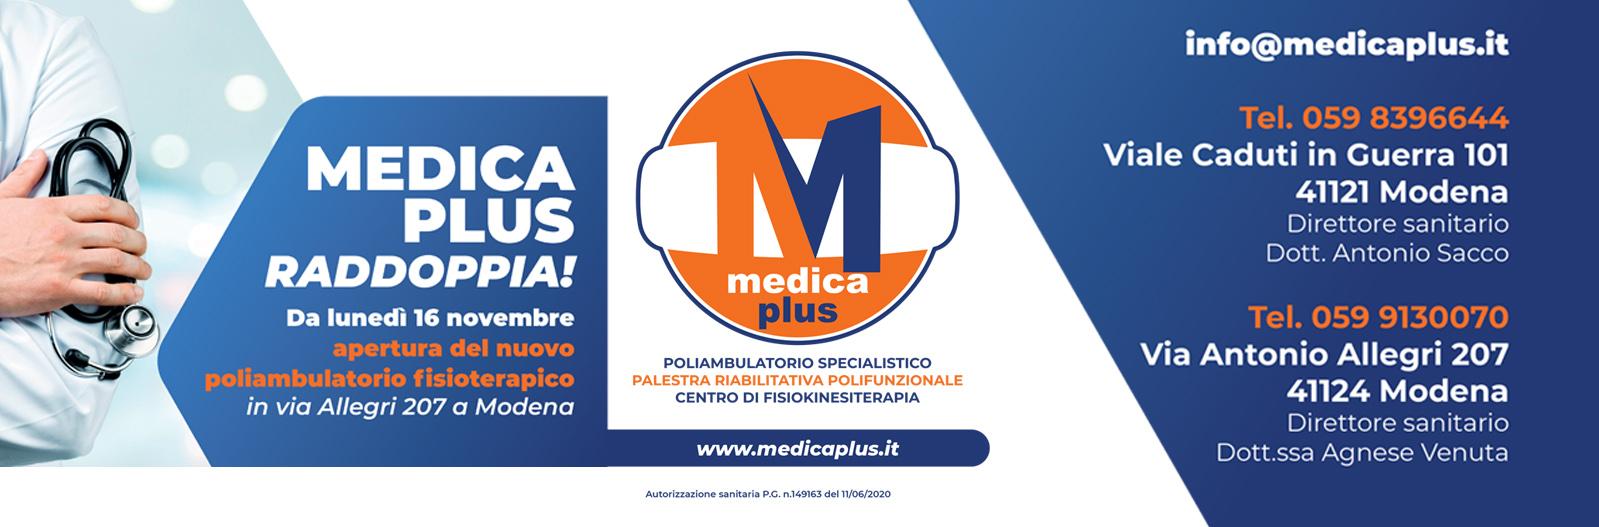 Medica Plus - Poliambulatorio Specialistico Modena